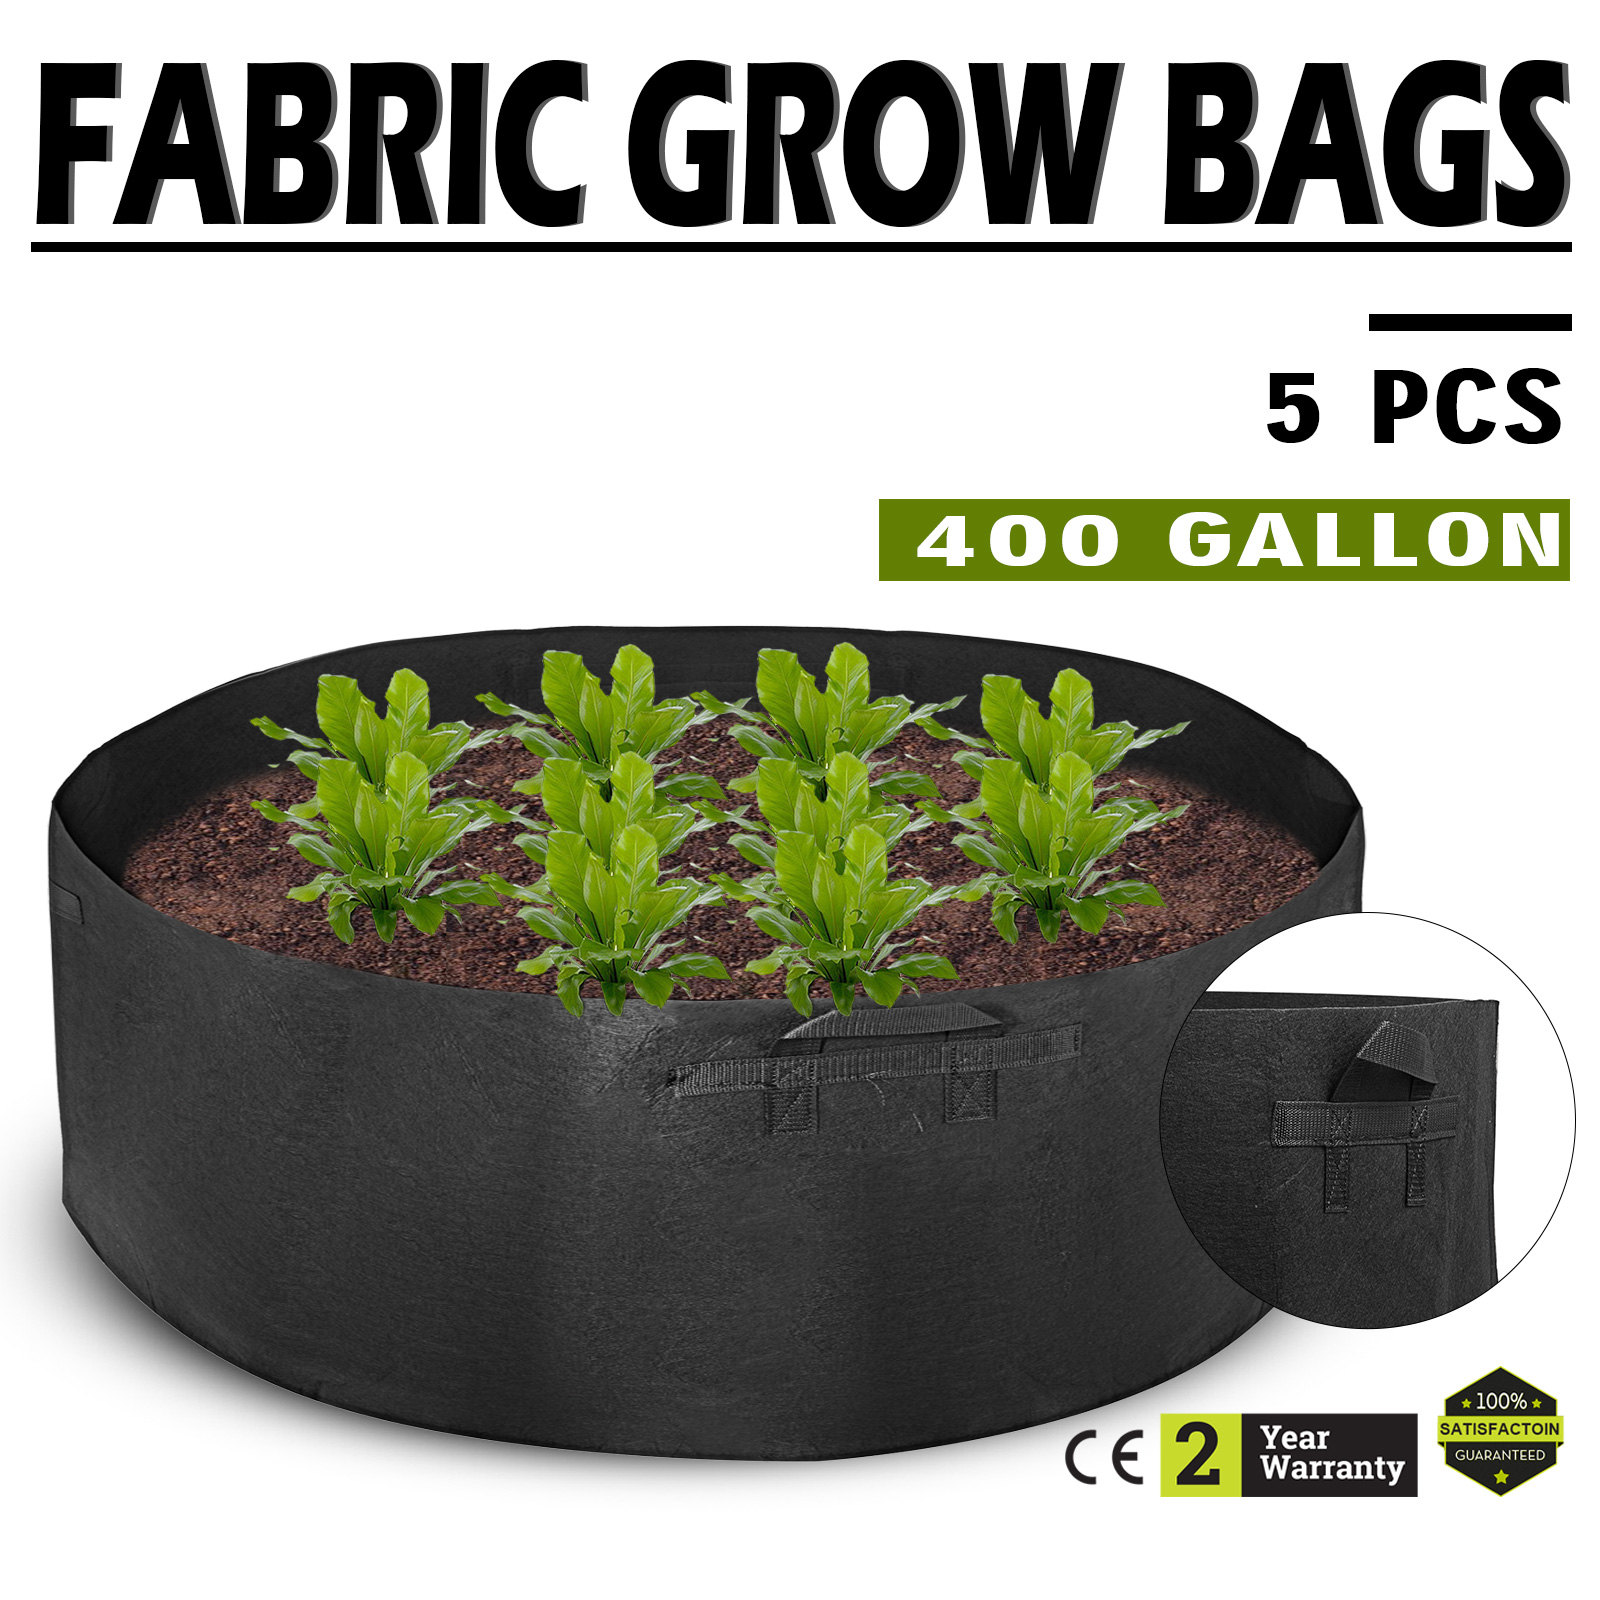 Details About 5pcs 400 Gallon Fabric Grow Bags Black Planter Smart Plant Root Pots Container